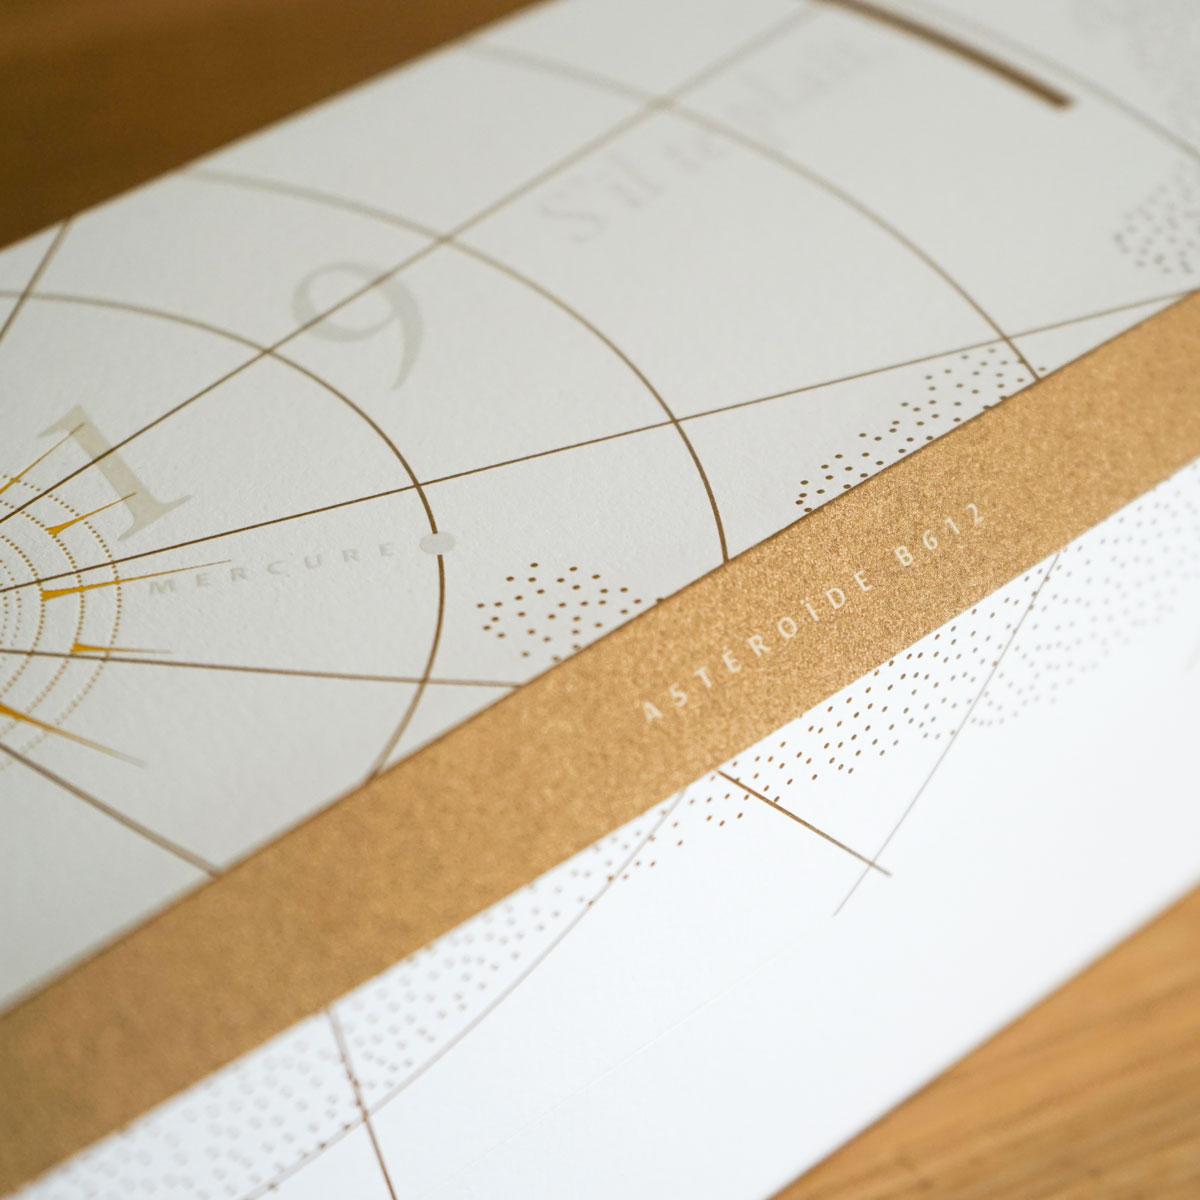 Polygravia_Packaging2019_02.JPG